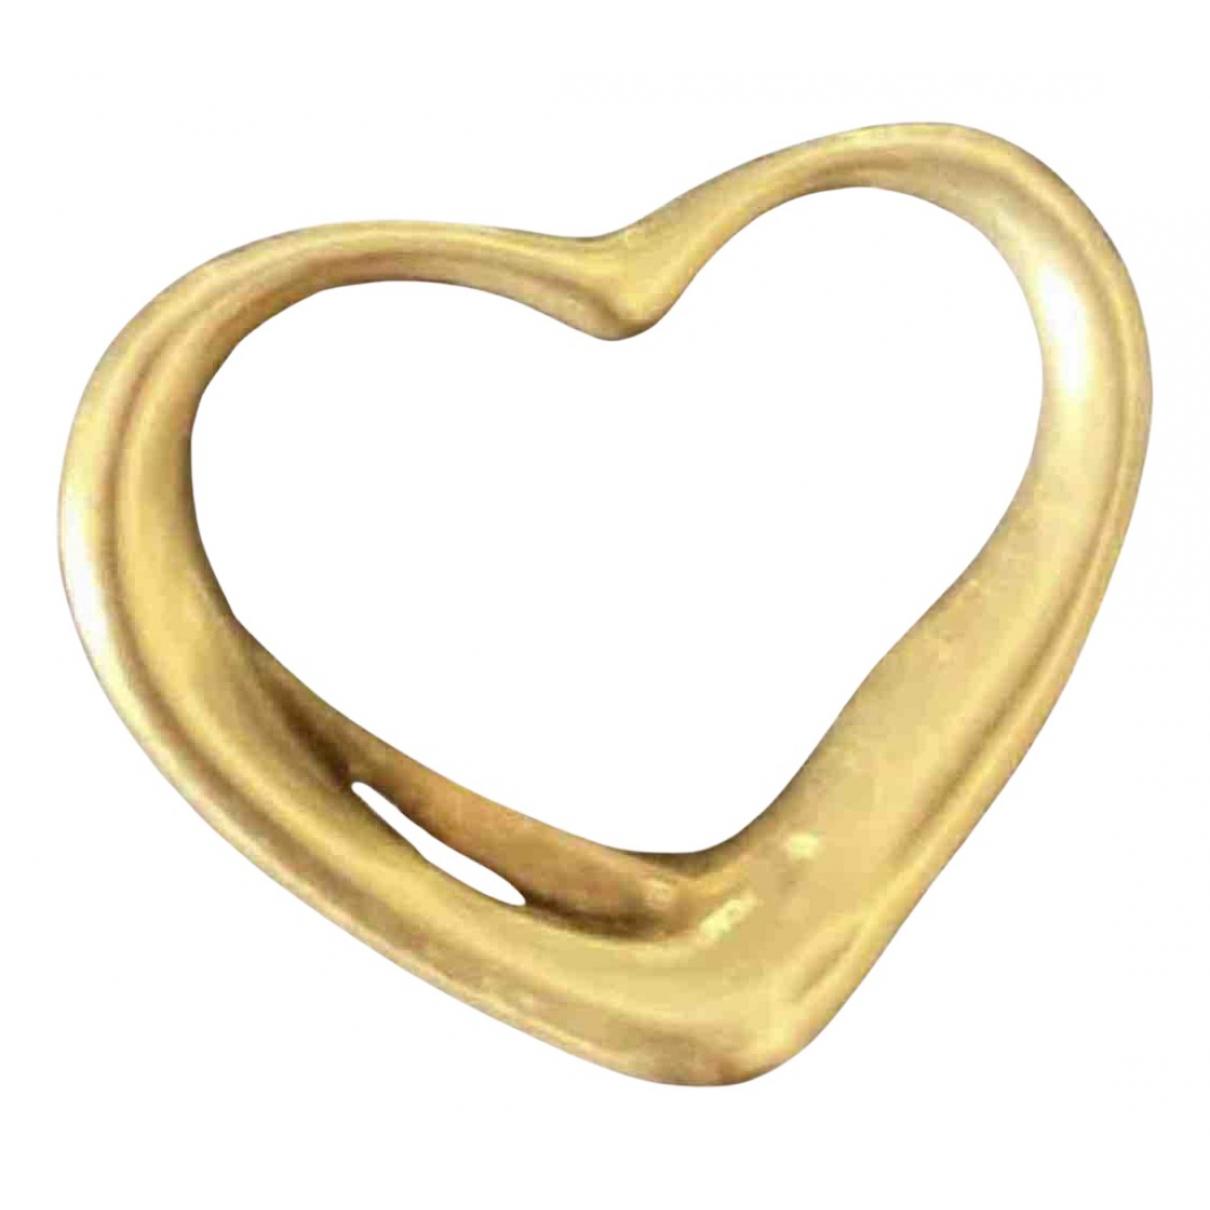 Colgante Elsa Peretti  de Oro amarillo Tiffany & Co